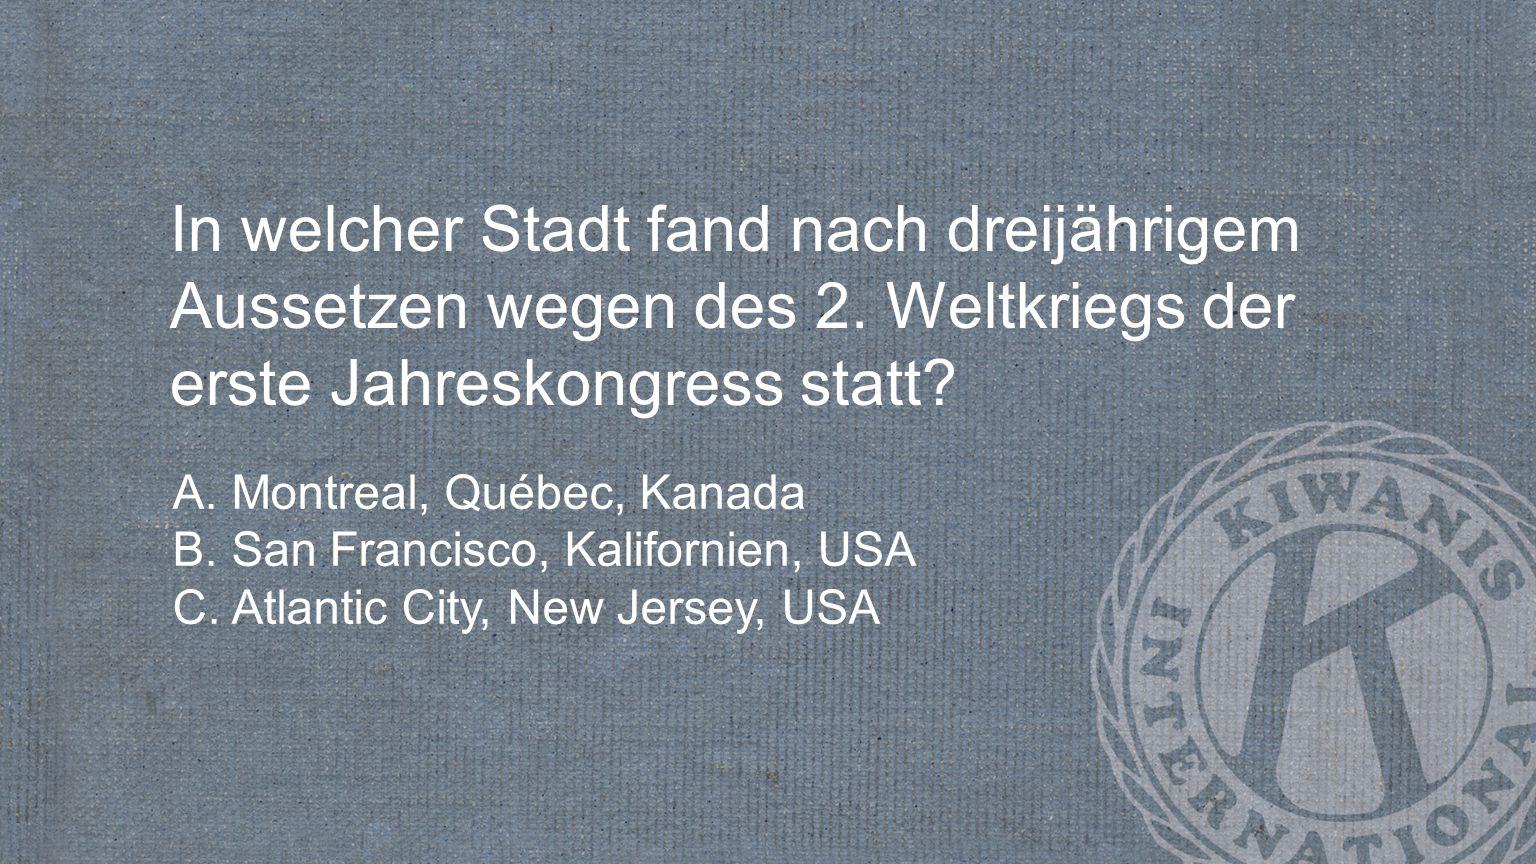 In welcher Stadt fand nach dreijährigem Aussetzen wegen des 2. Weltkriegs der erste Jahreskongress statt? A. Montreal, Québec, Kanada B. San Francisco